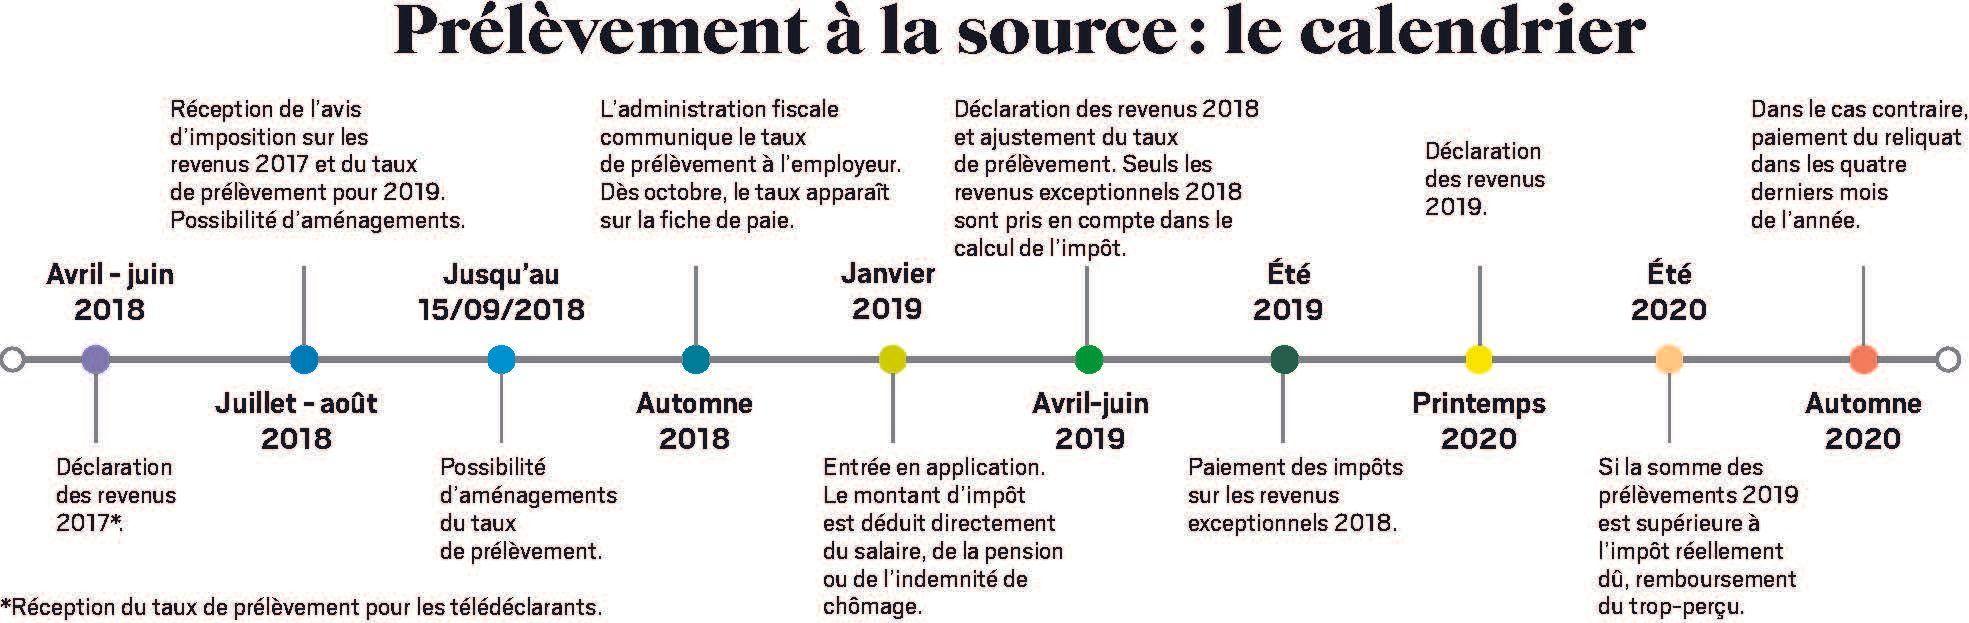 Impots 2020 Calendrier.Prelevement A La Source Trois Infographies Pour Tout